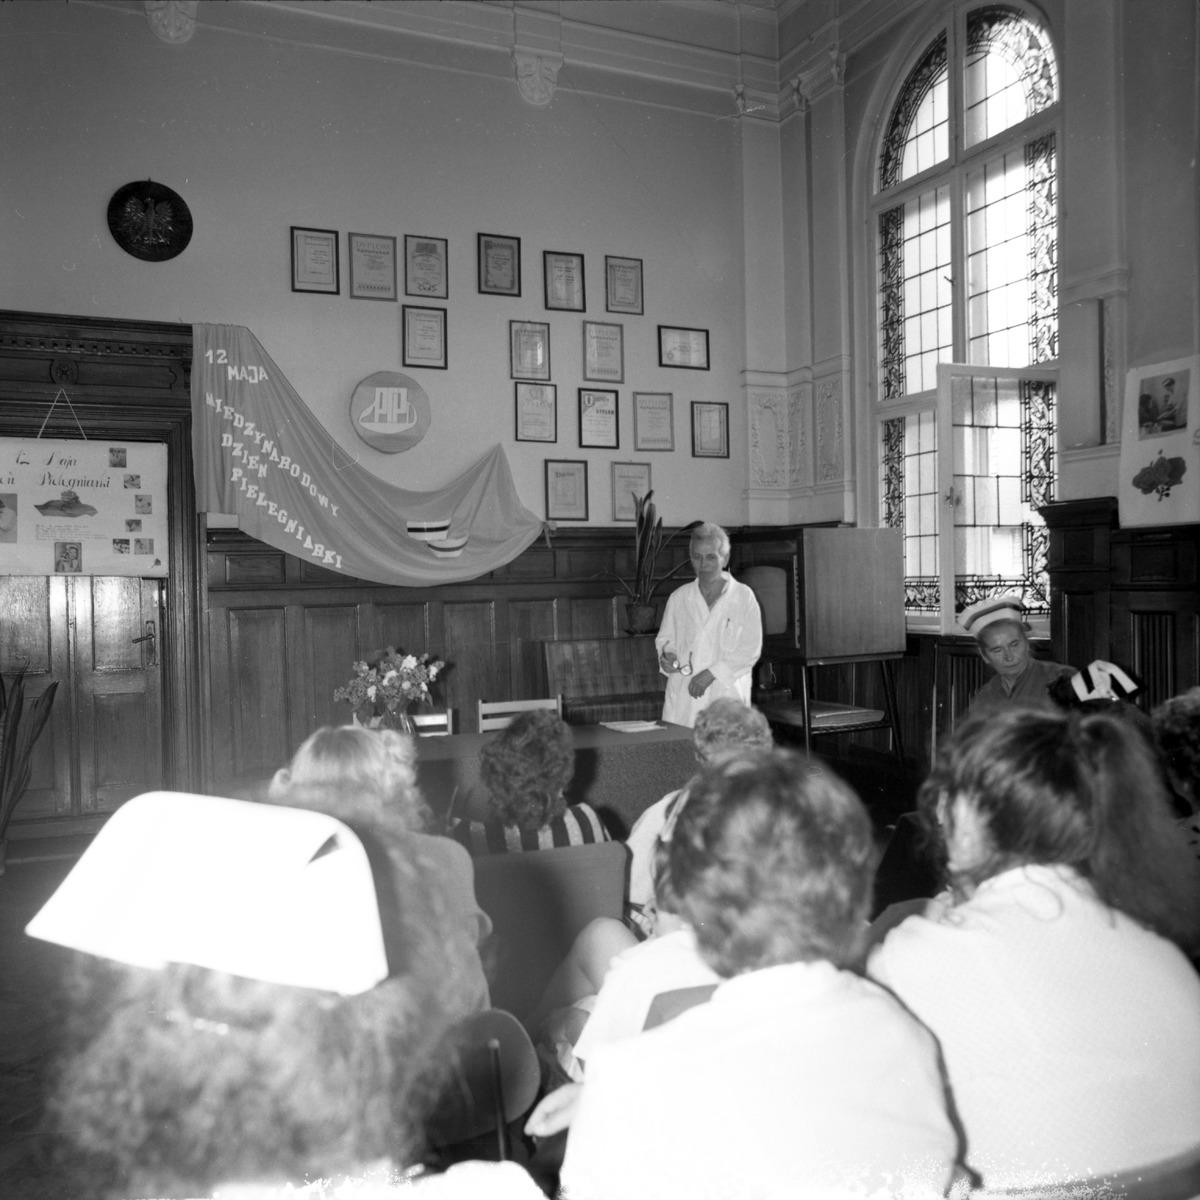 Międzynarodowy Dzień Pielęgniarki i Położnej 1990 r.